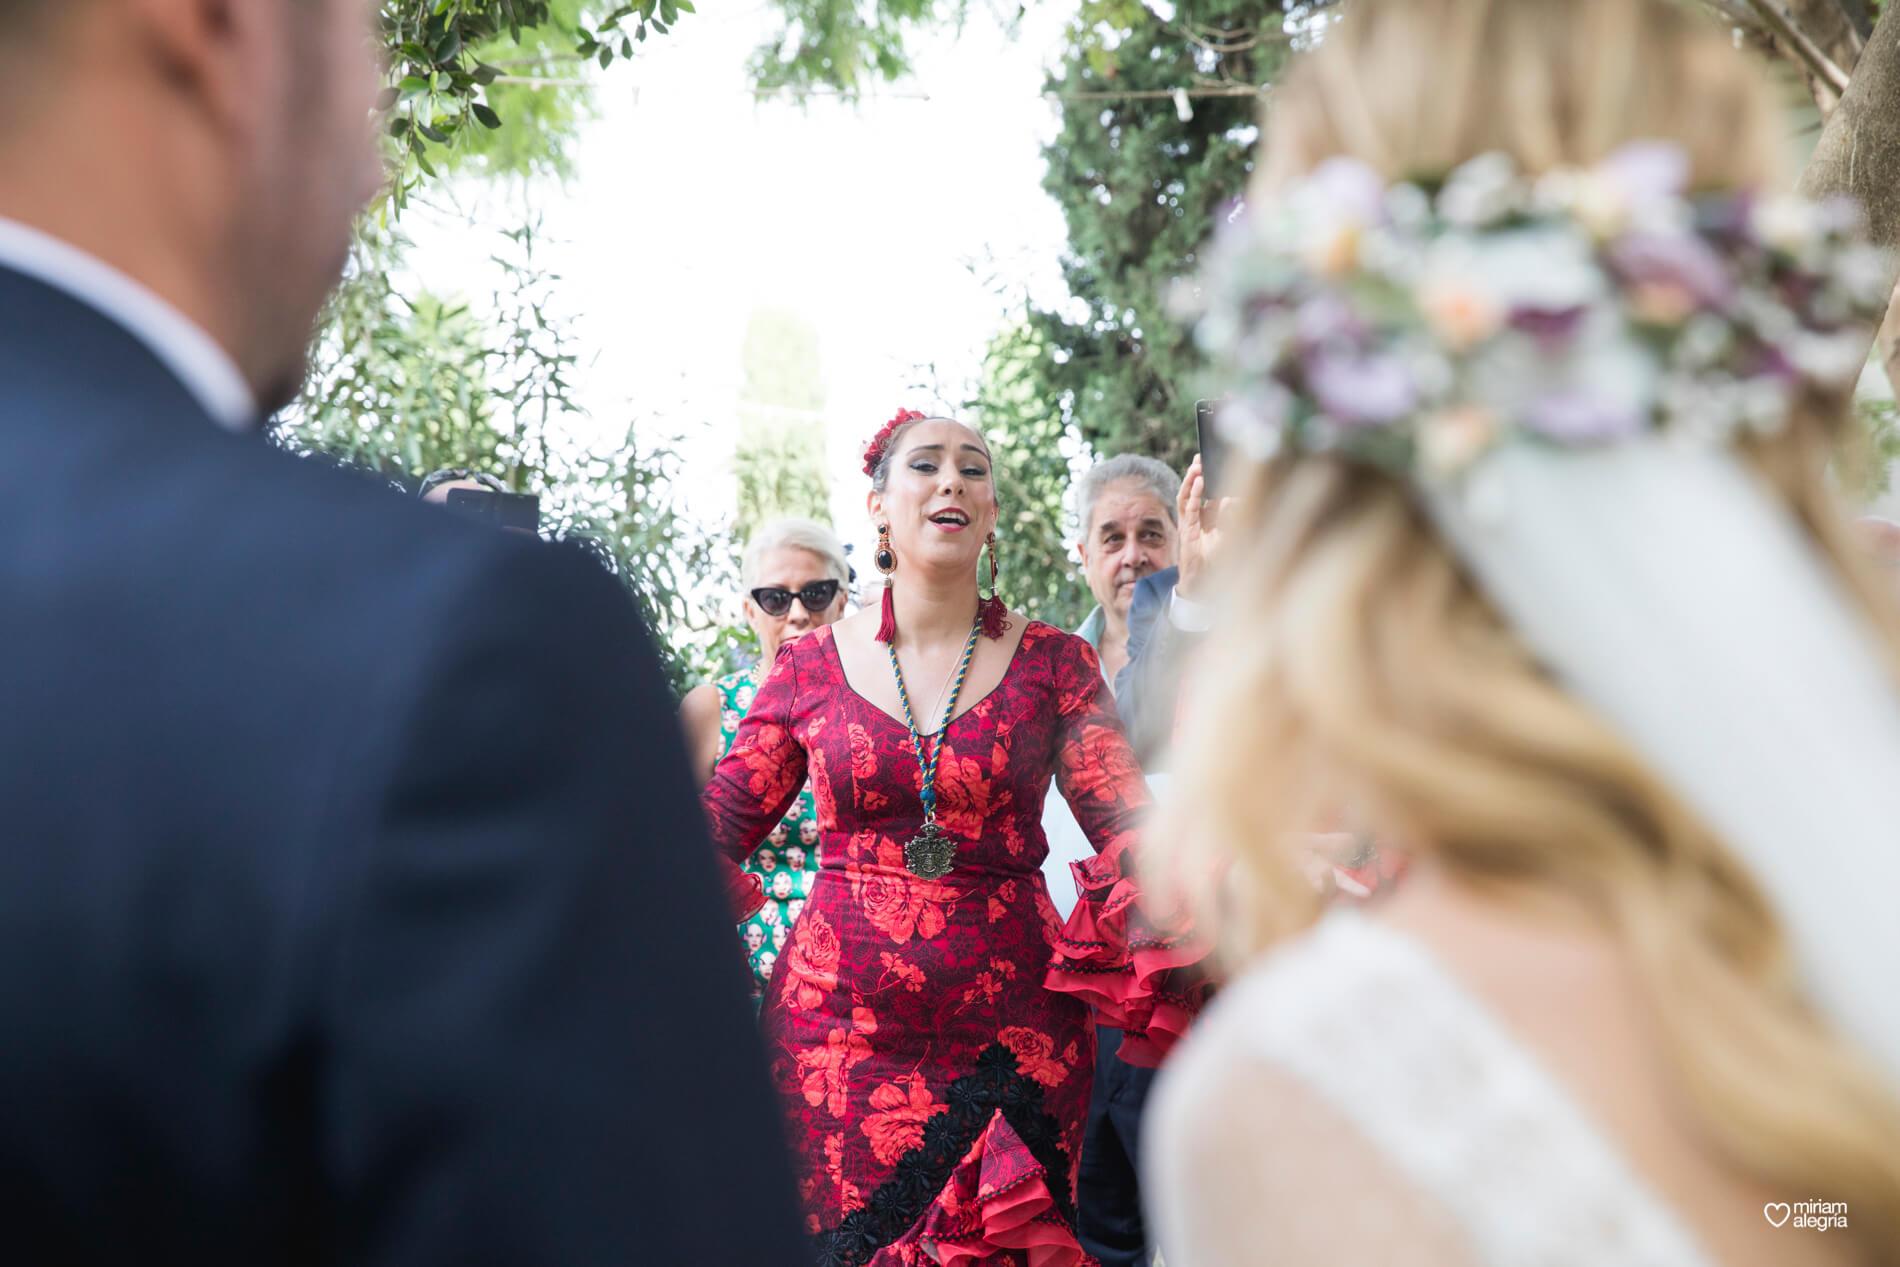 boda-en-finca-villa-vera-de-alemc7-miriam-alegria-fotografos-boda-murcia-79